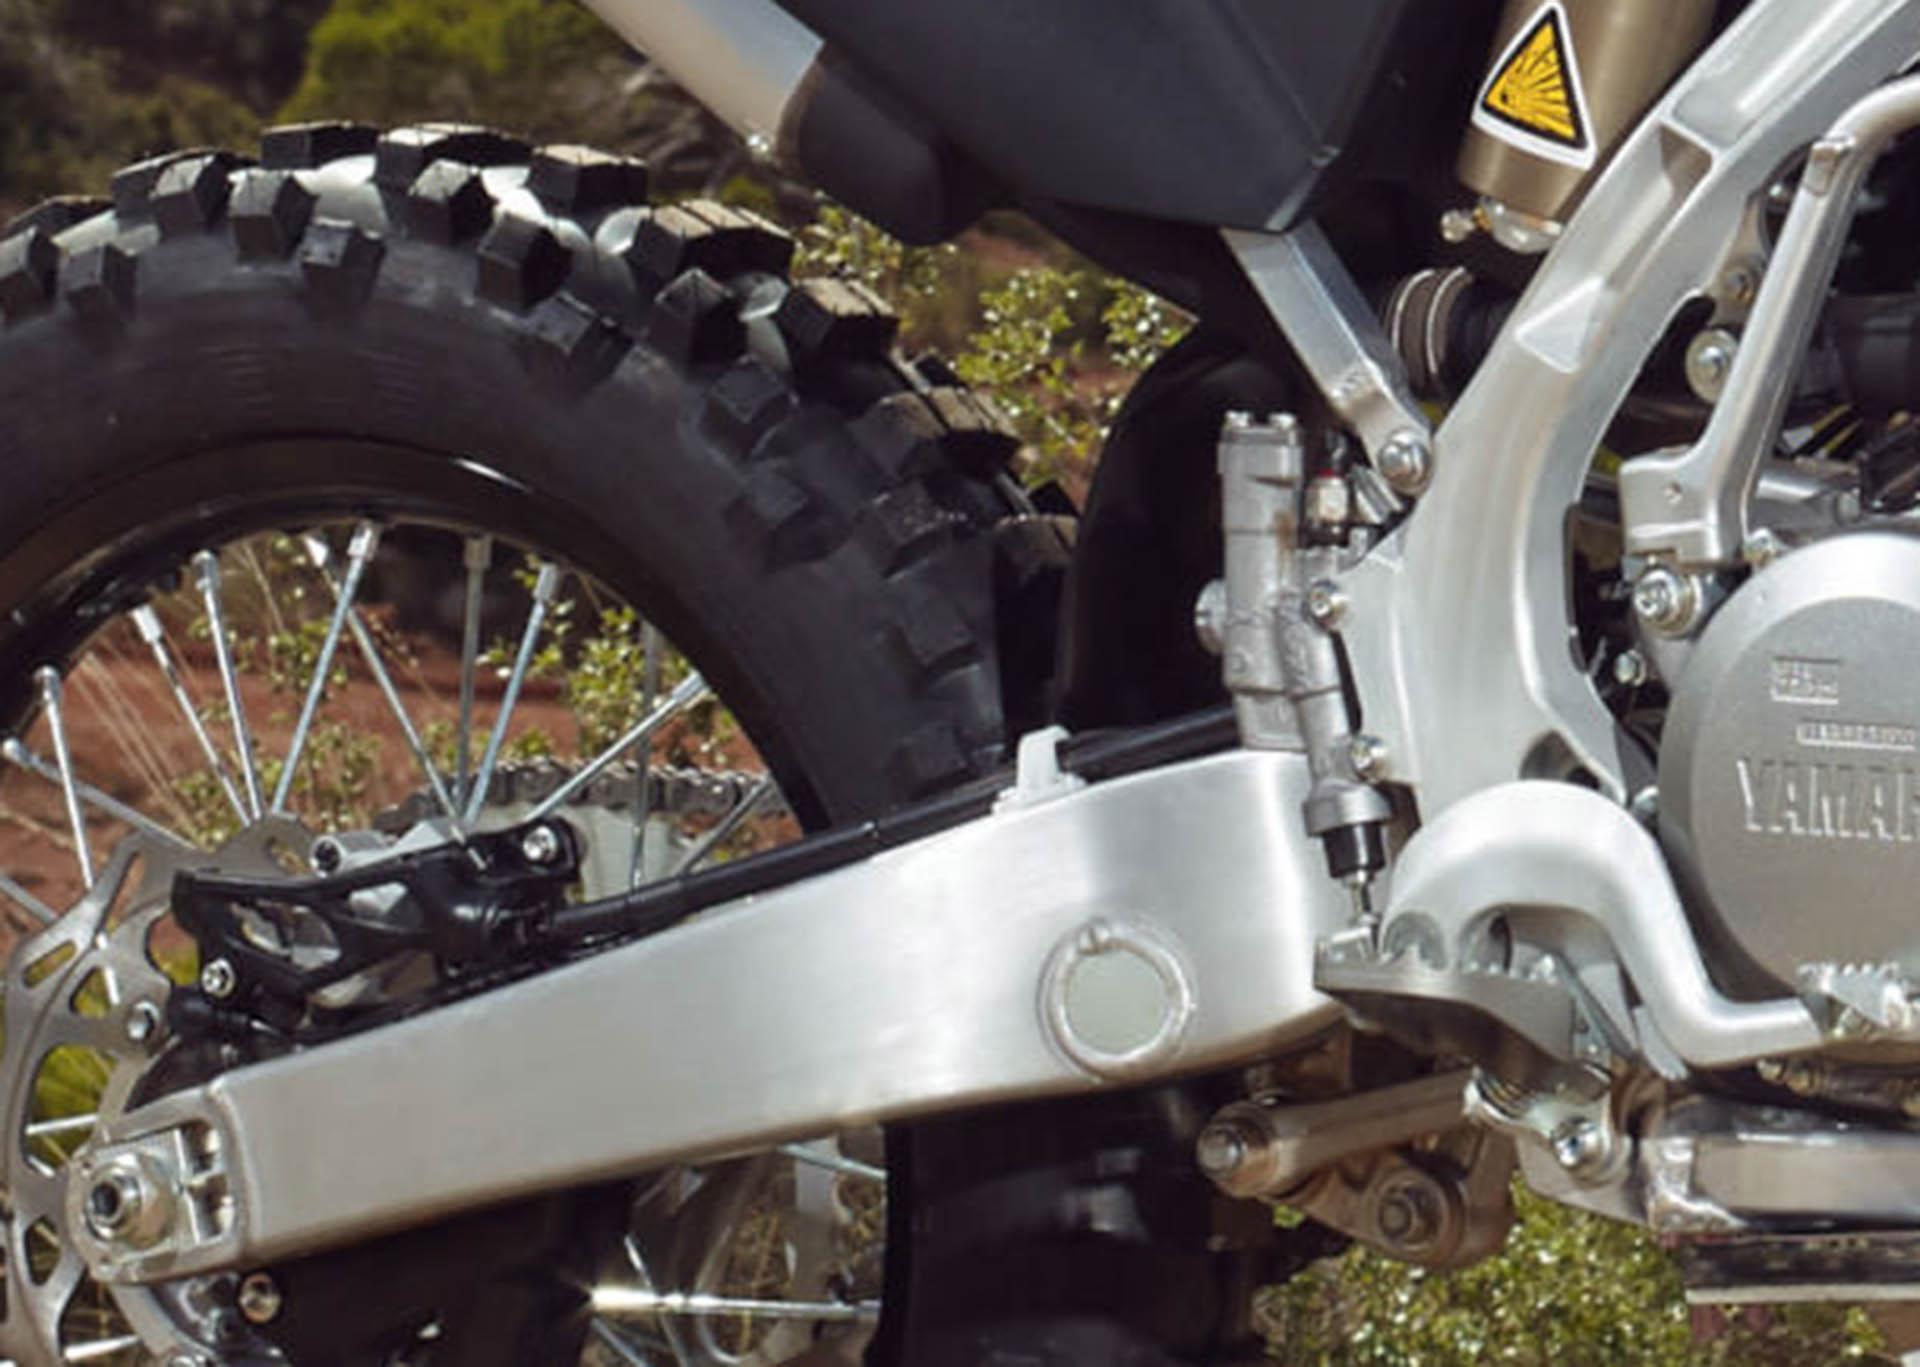 Yamaha WR250 2016